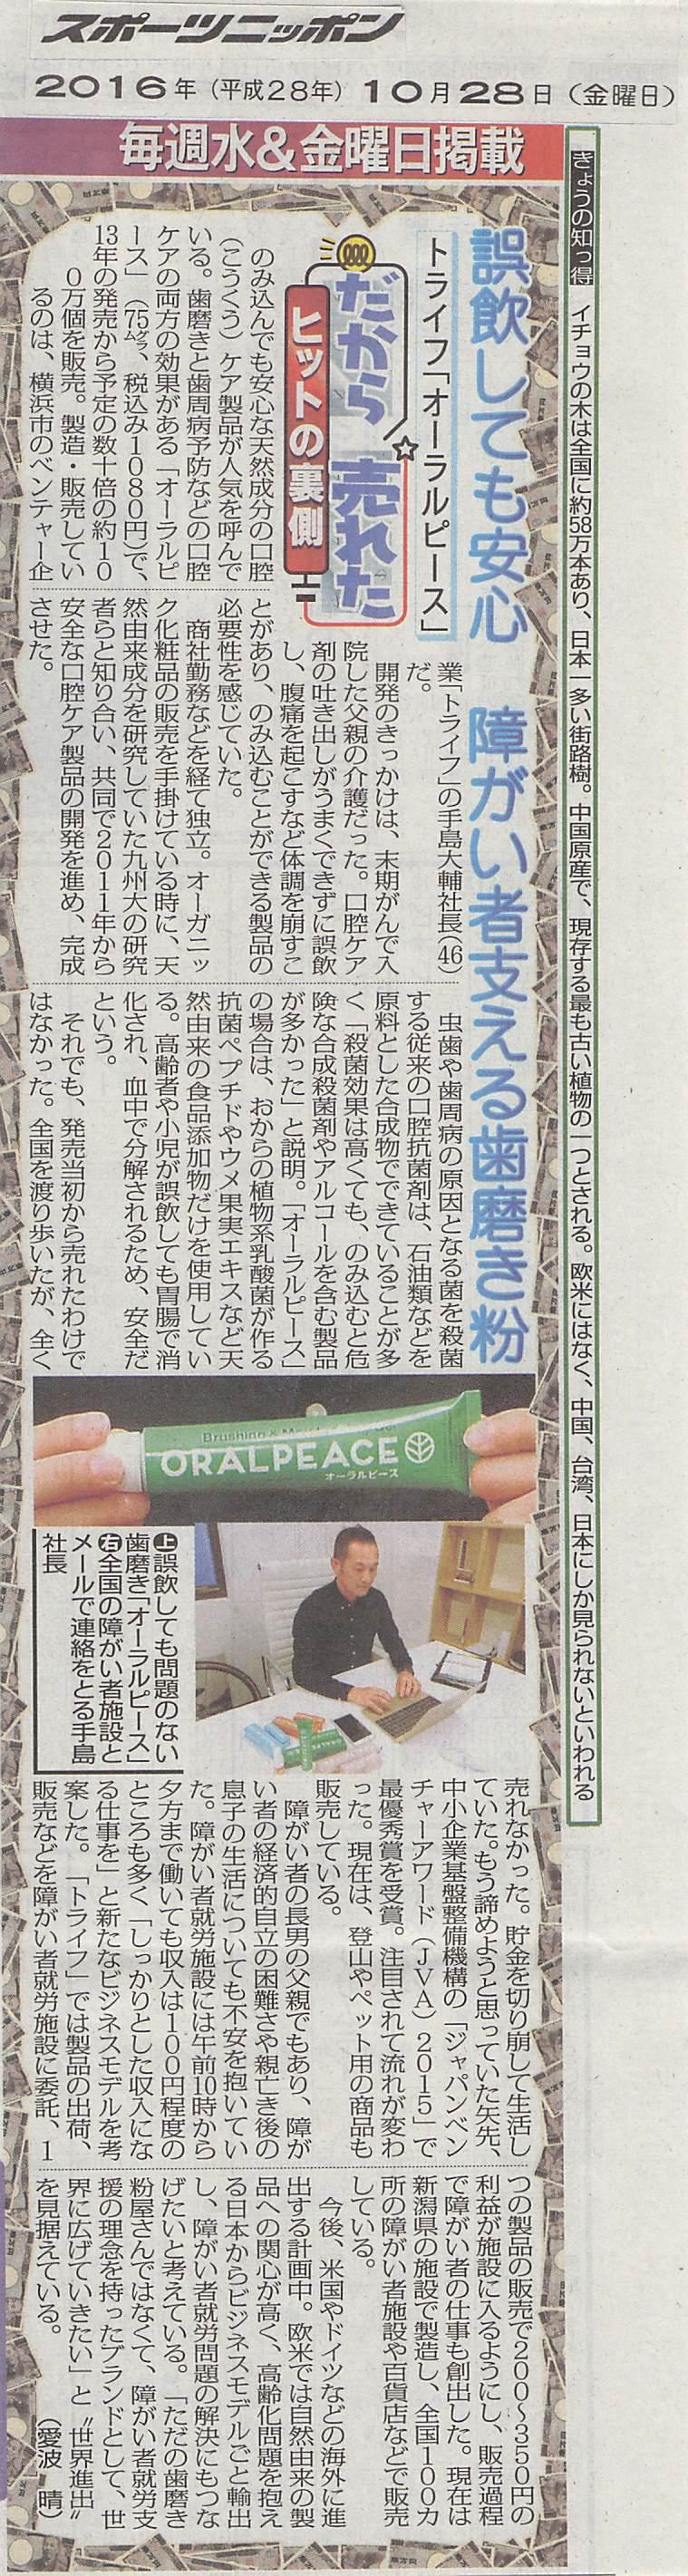 オーラルピーススポーツニッポン